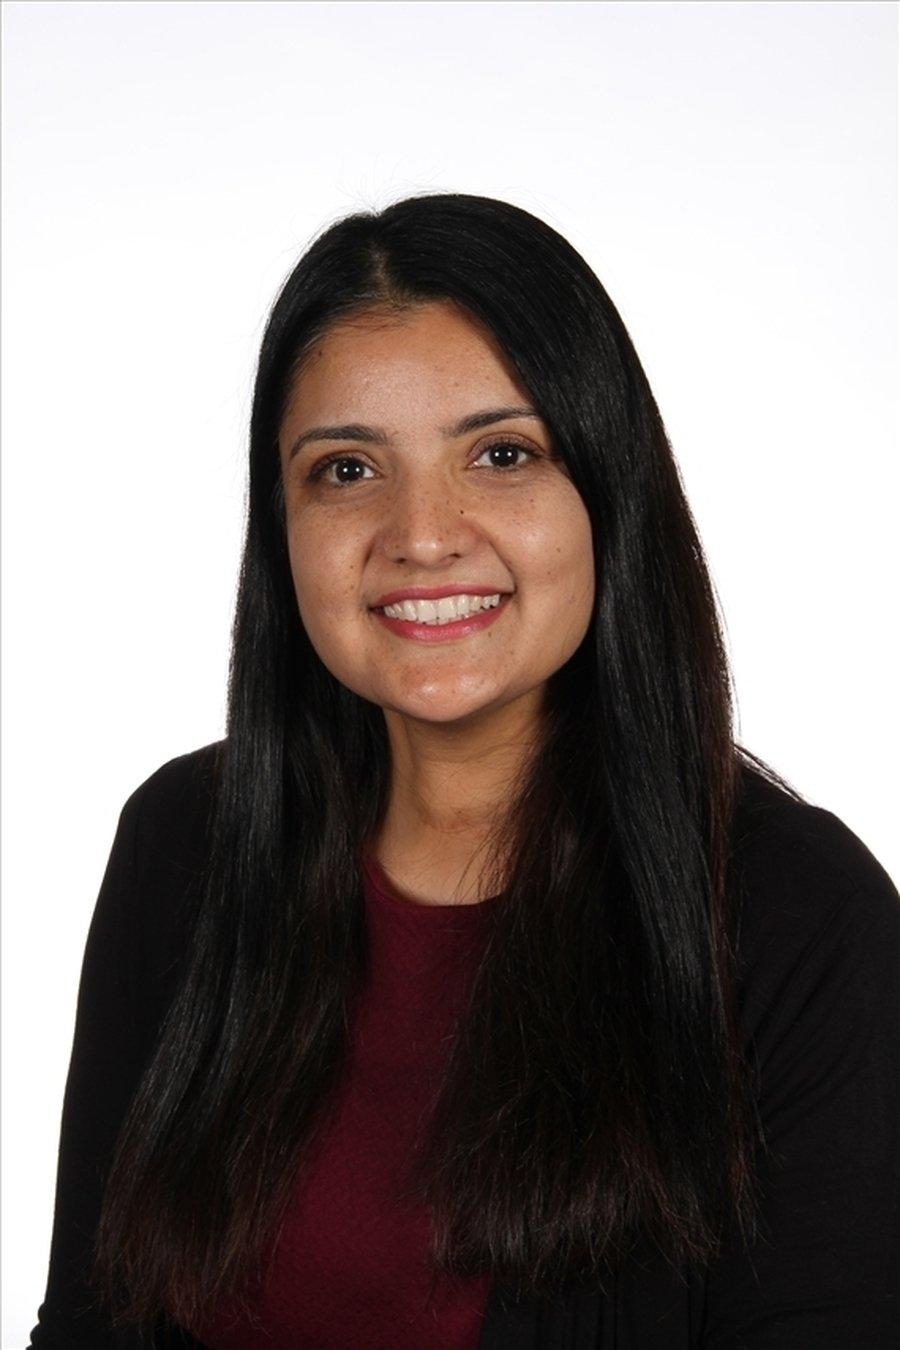 Mrs Kailey - EYFS Phase Lead/Reception Teacher